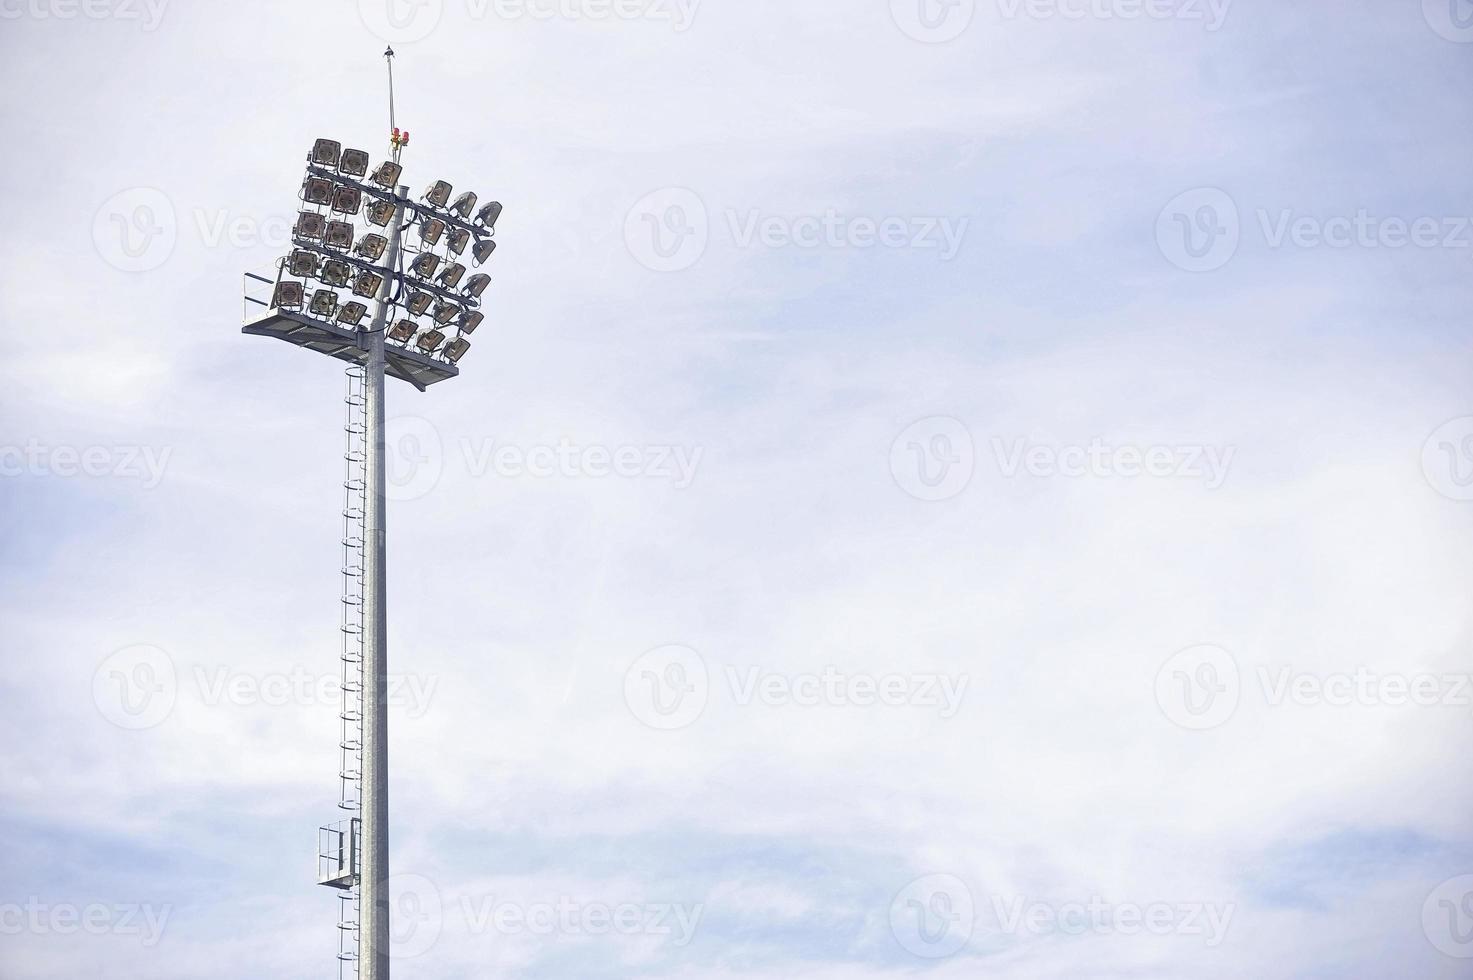 projecteurs du stade le jour photo